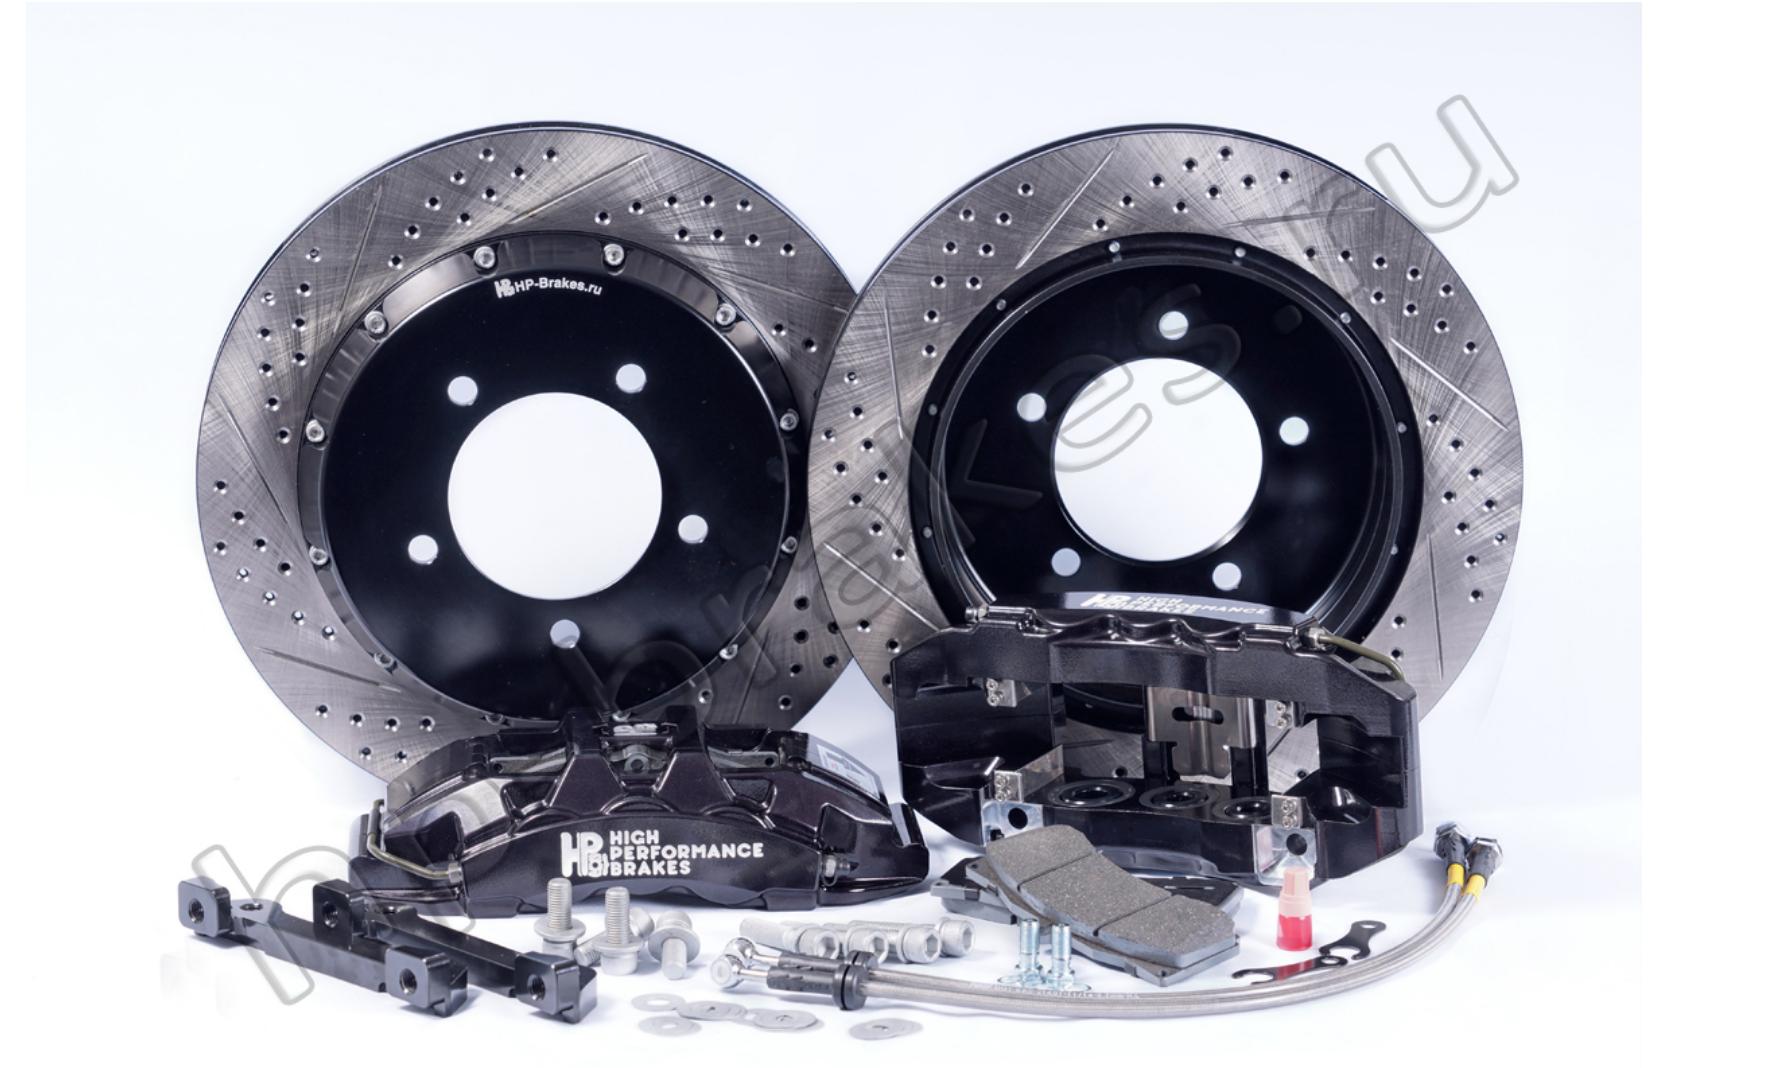 Тормозная система HP Brakes (Задняя ось, D20, 6 поршней, диск 405х34мм)